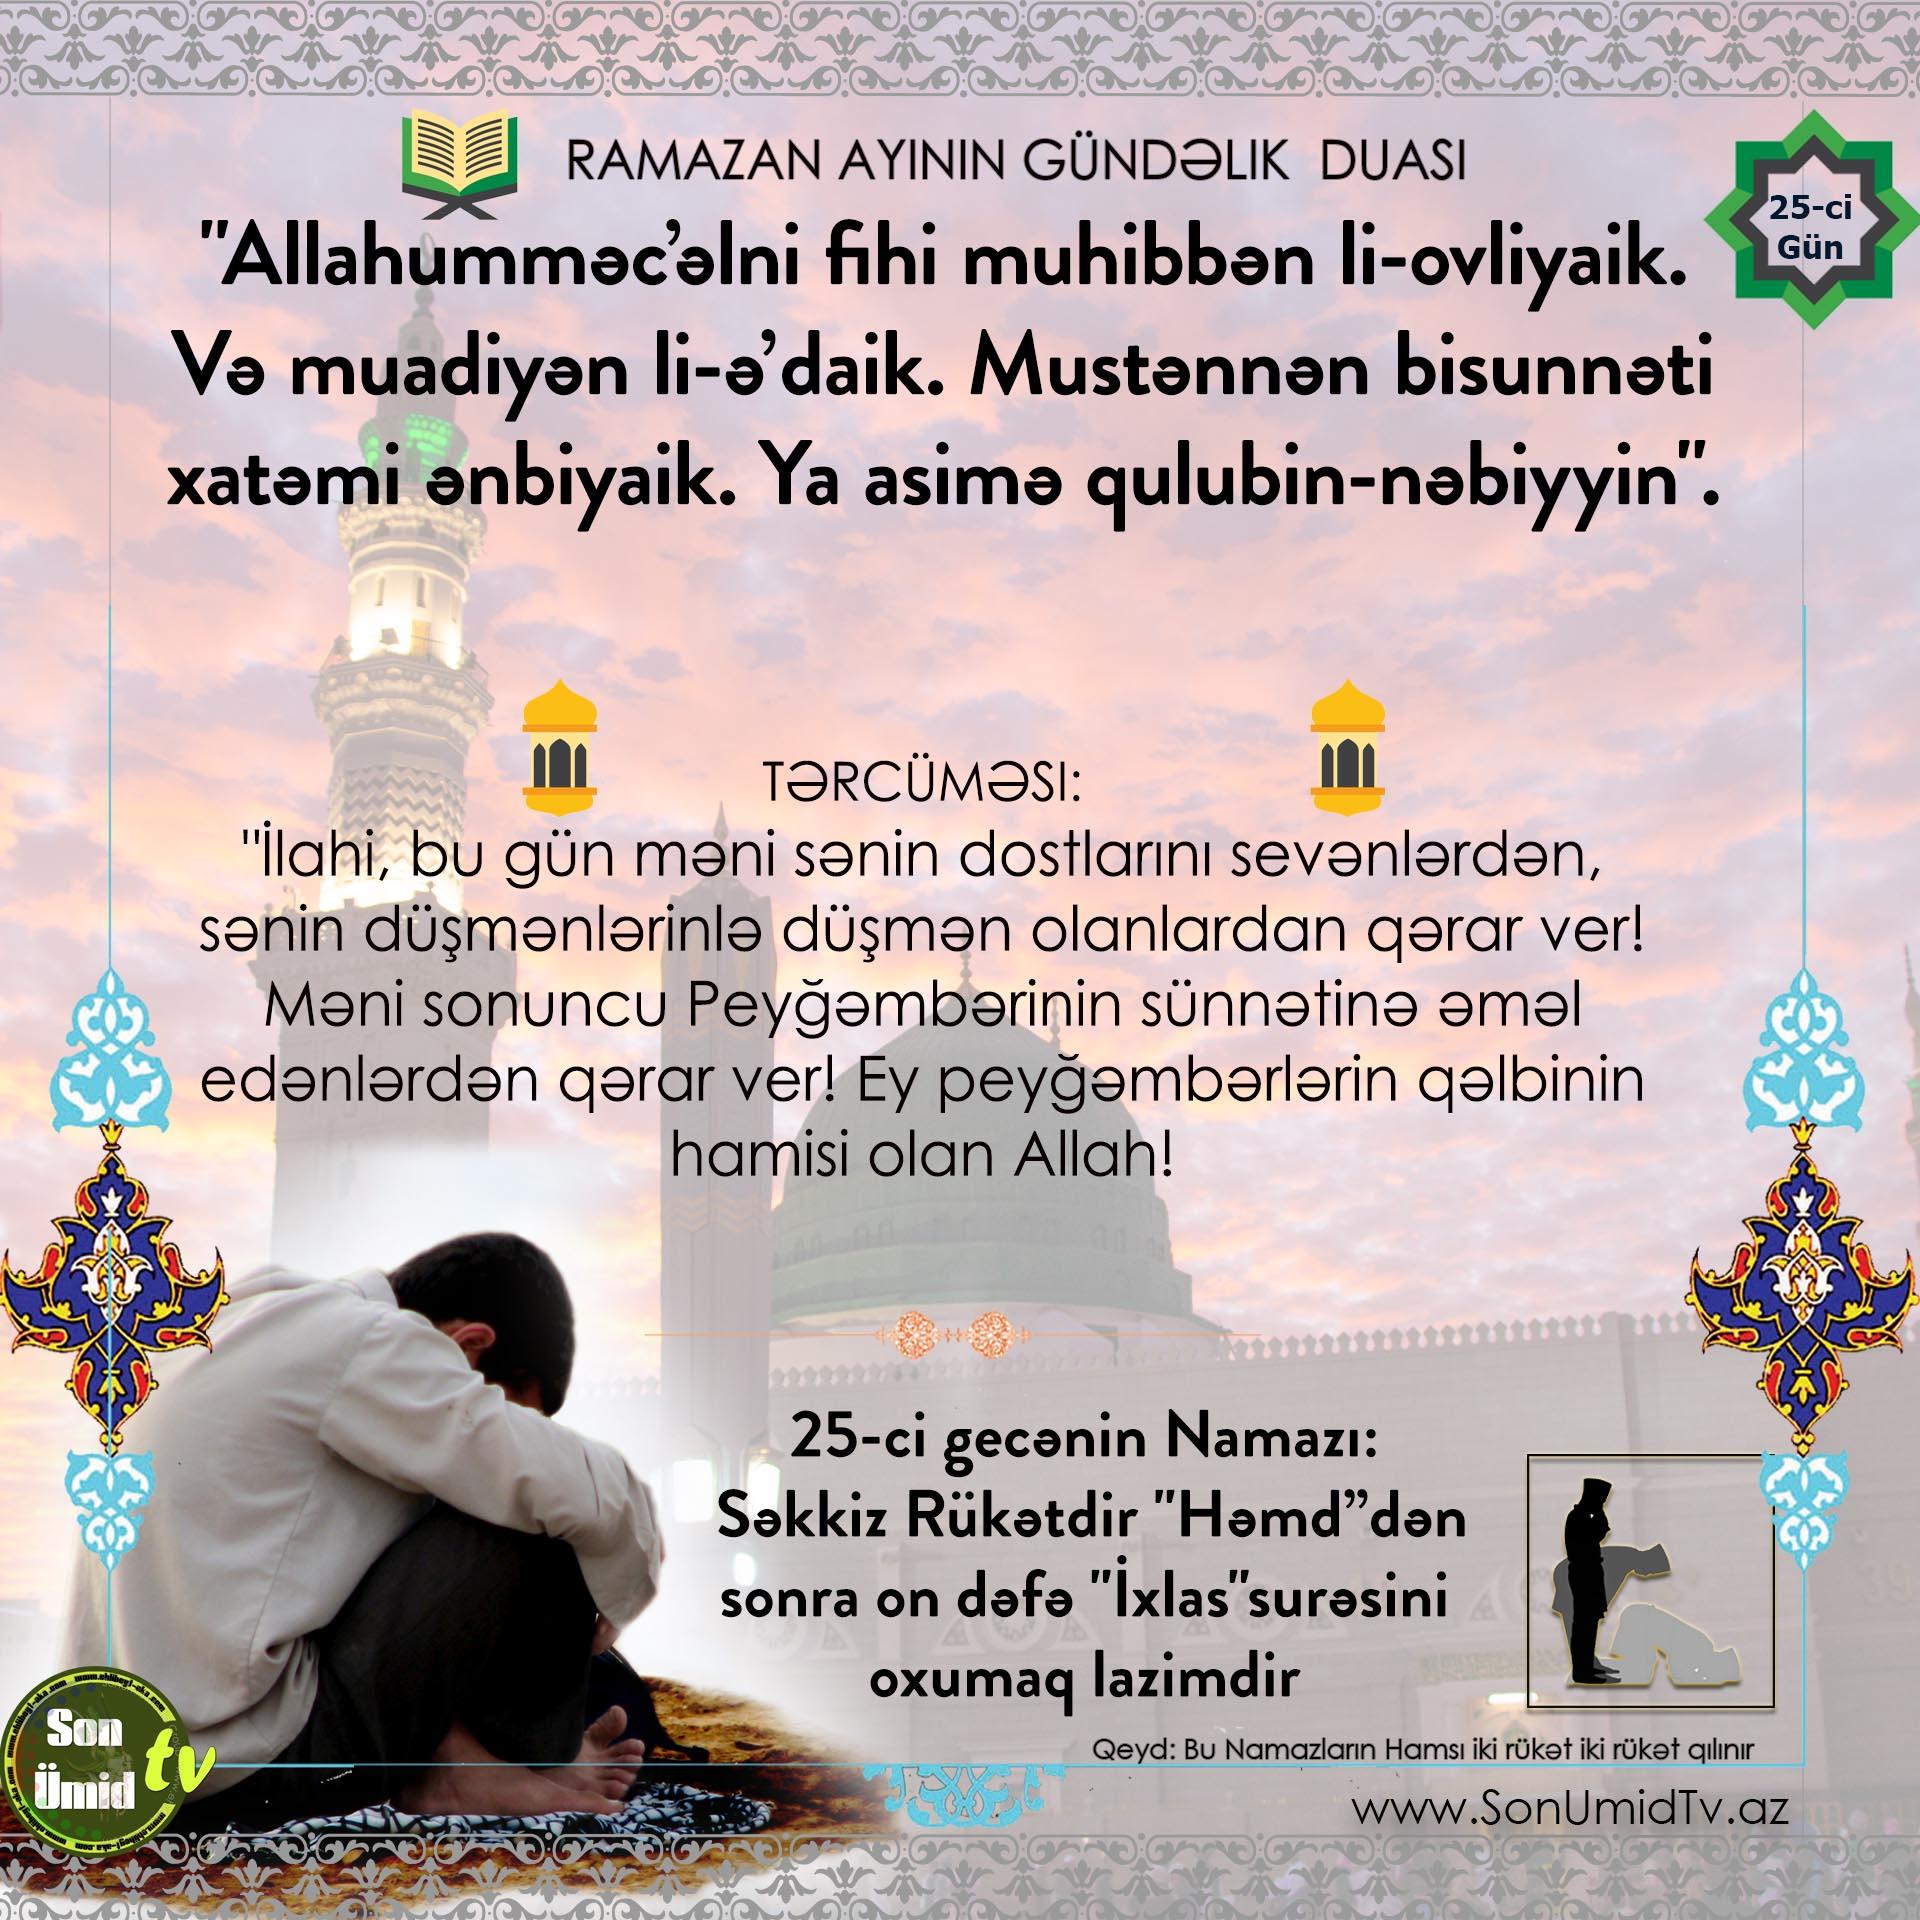 Ramazan  25-ci gününün duası və Namazı